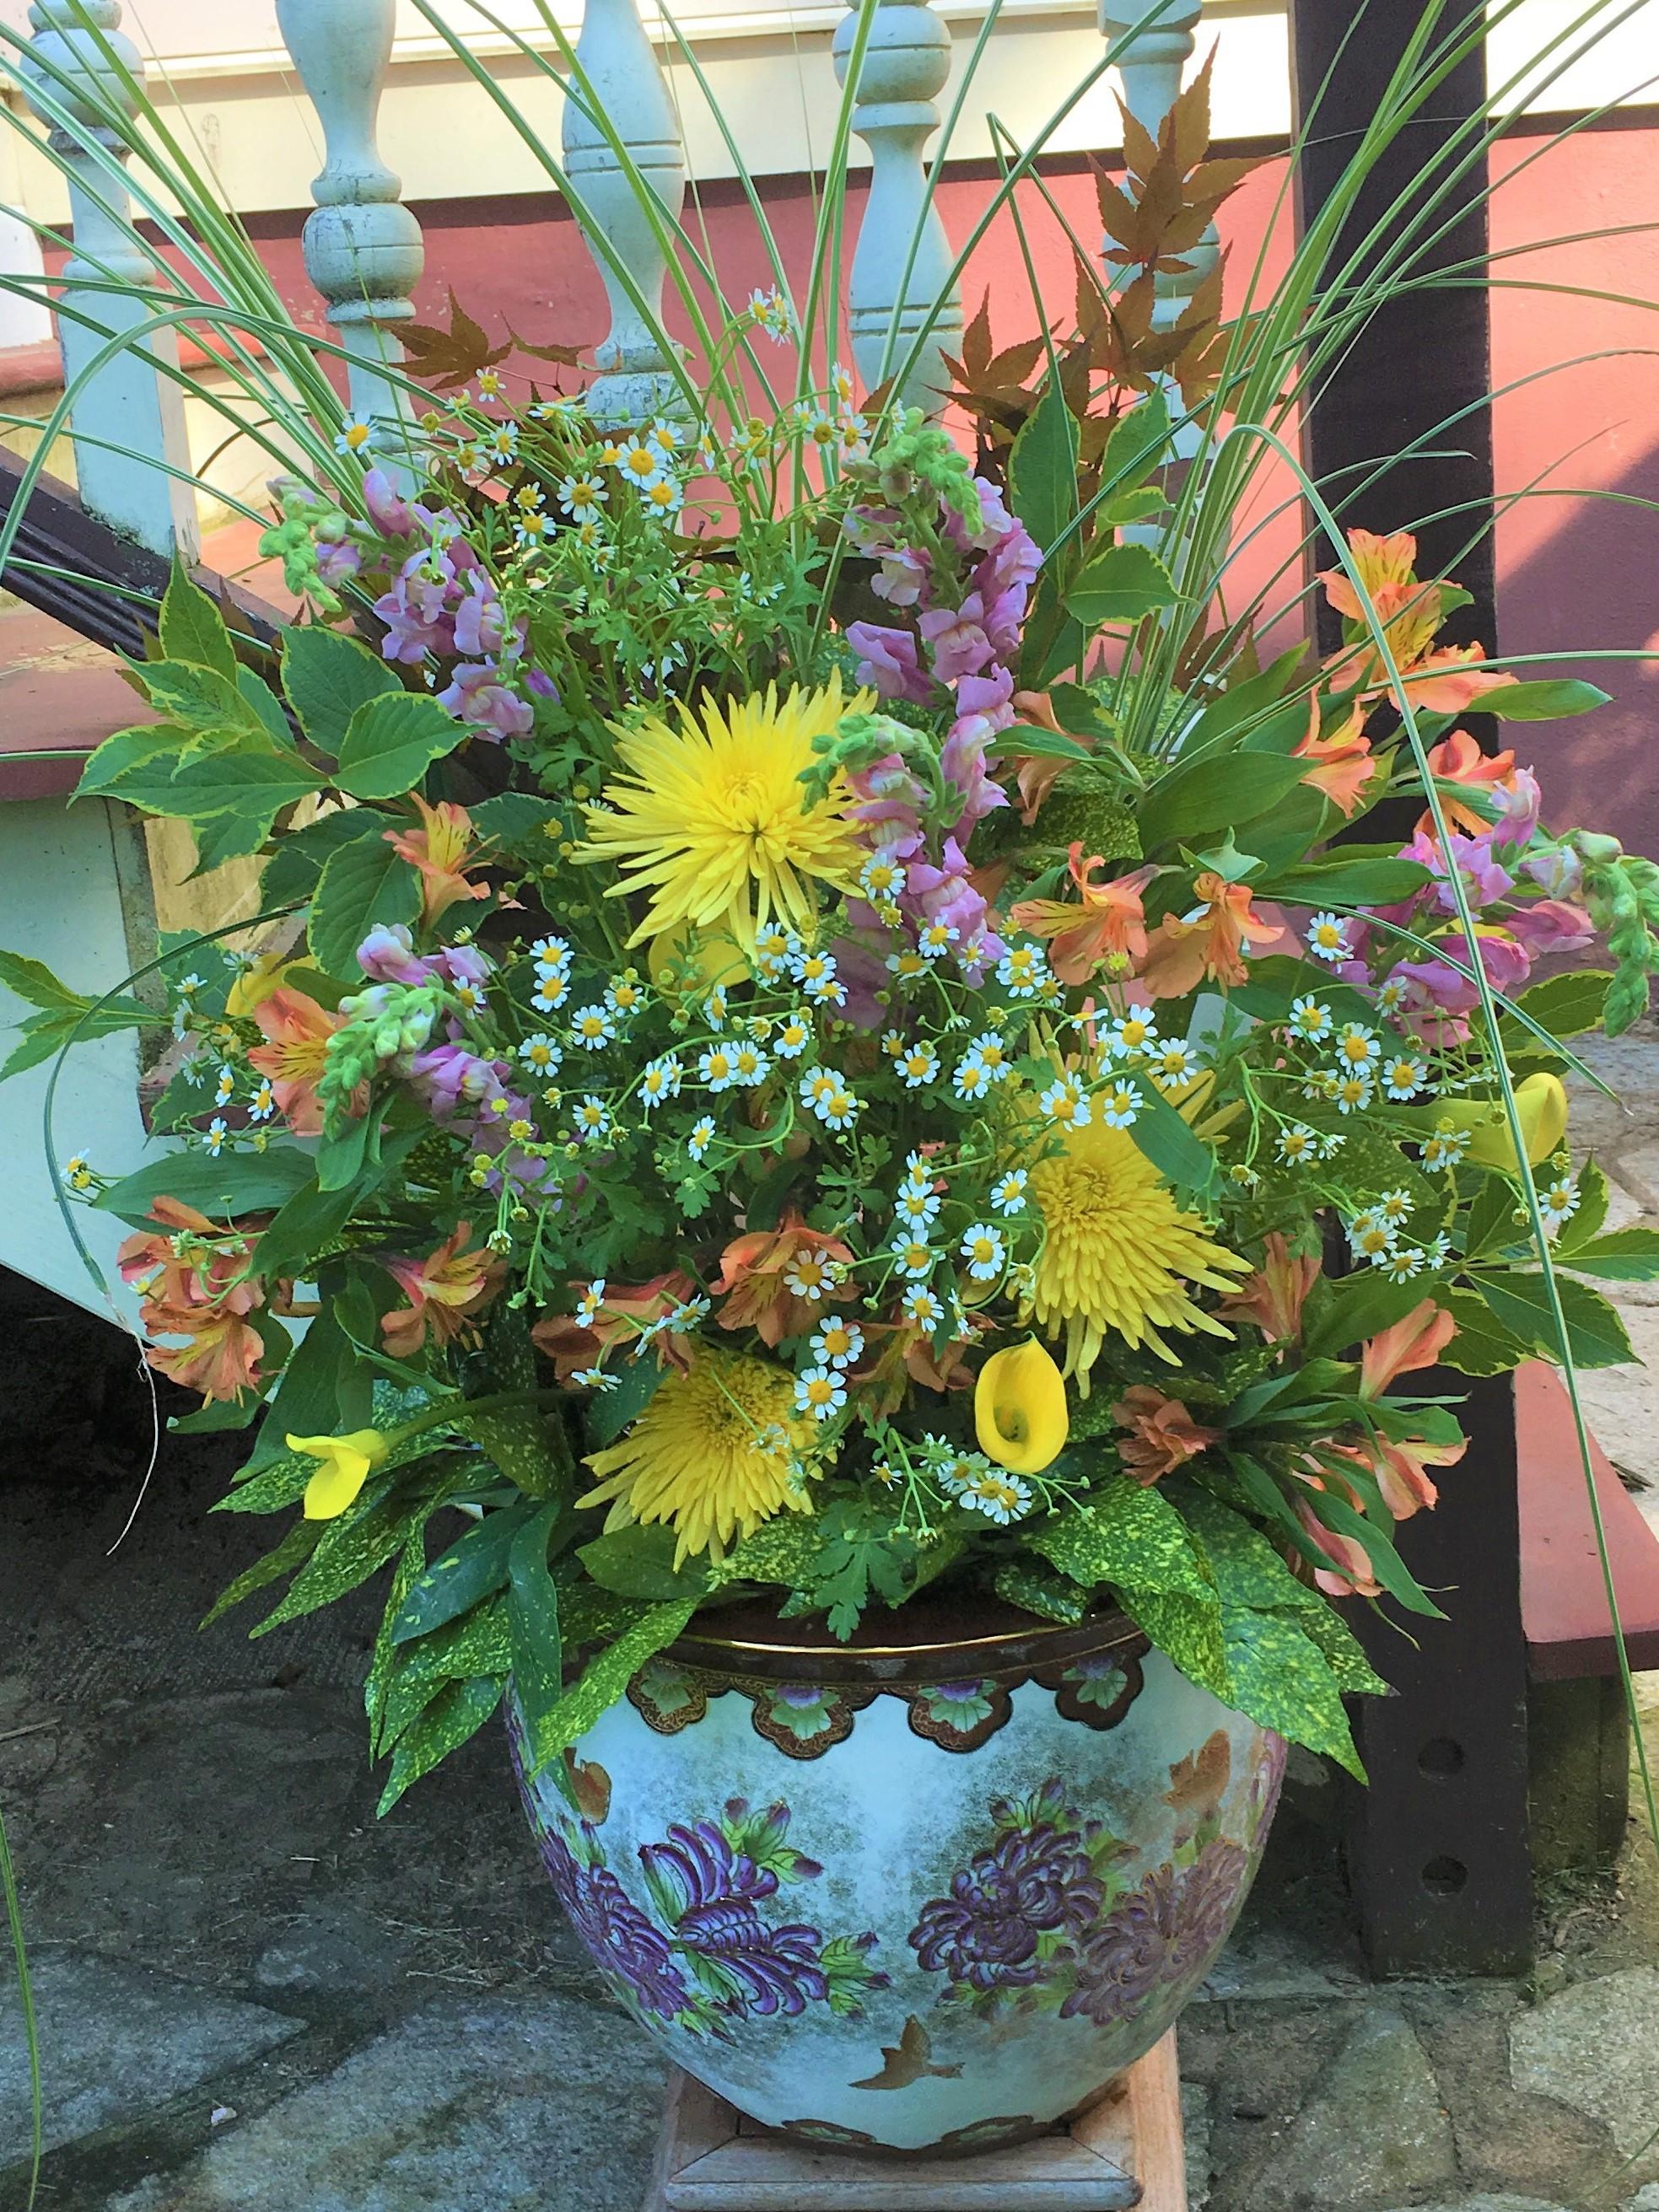 Chucktown Flowers